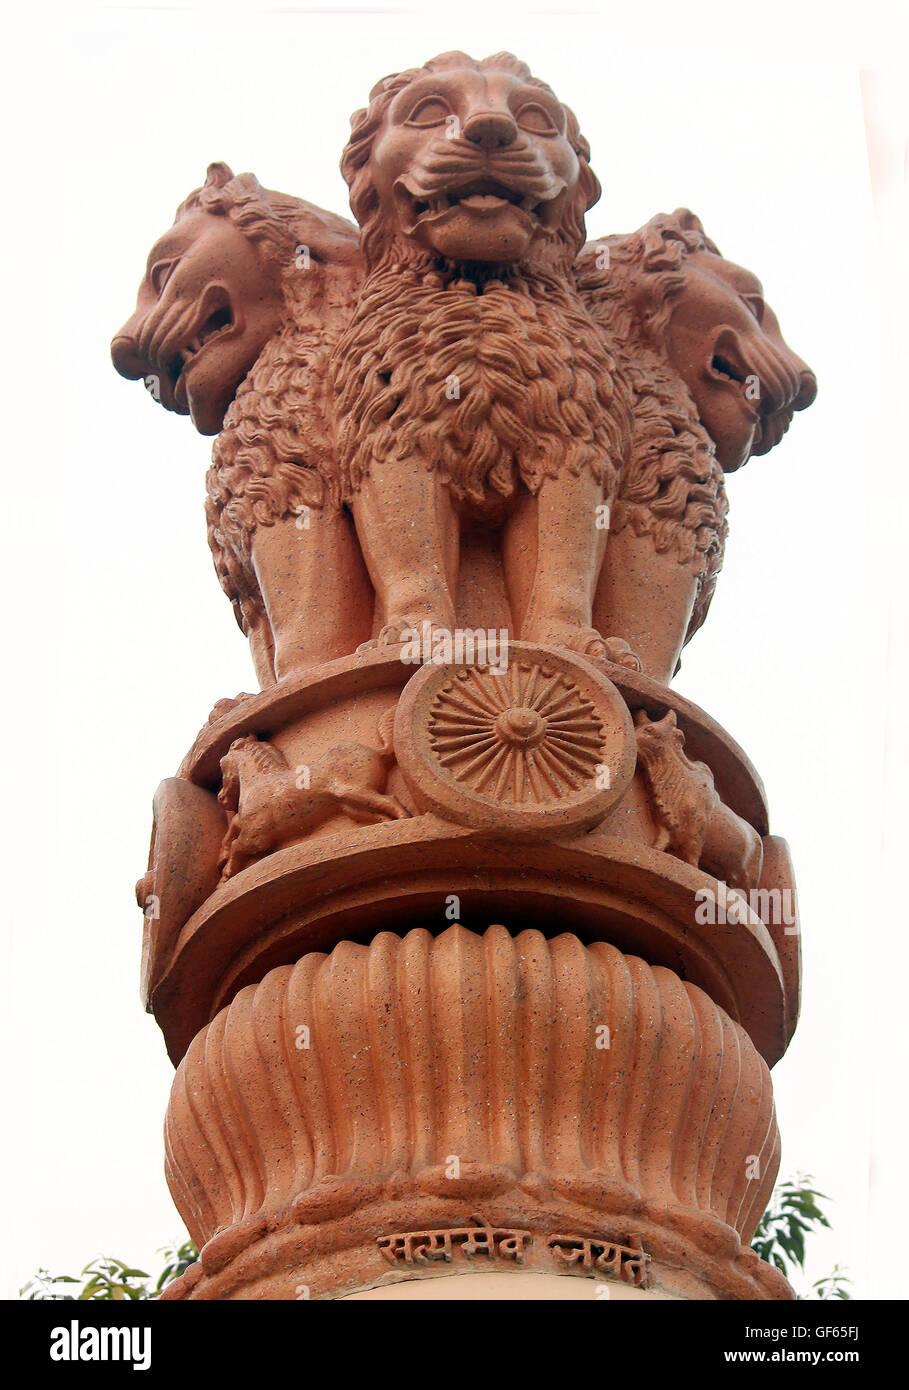 Isolated National Emblem of India 'Ashoka' i.e four lions against white background. - Stock Image